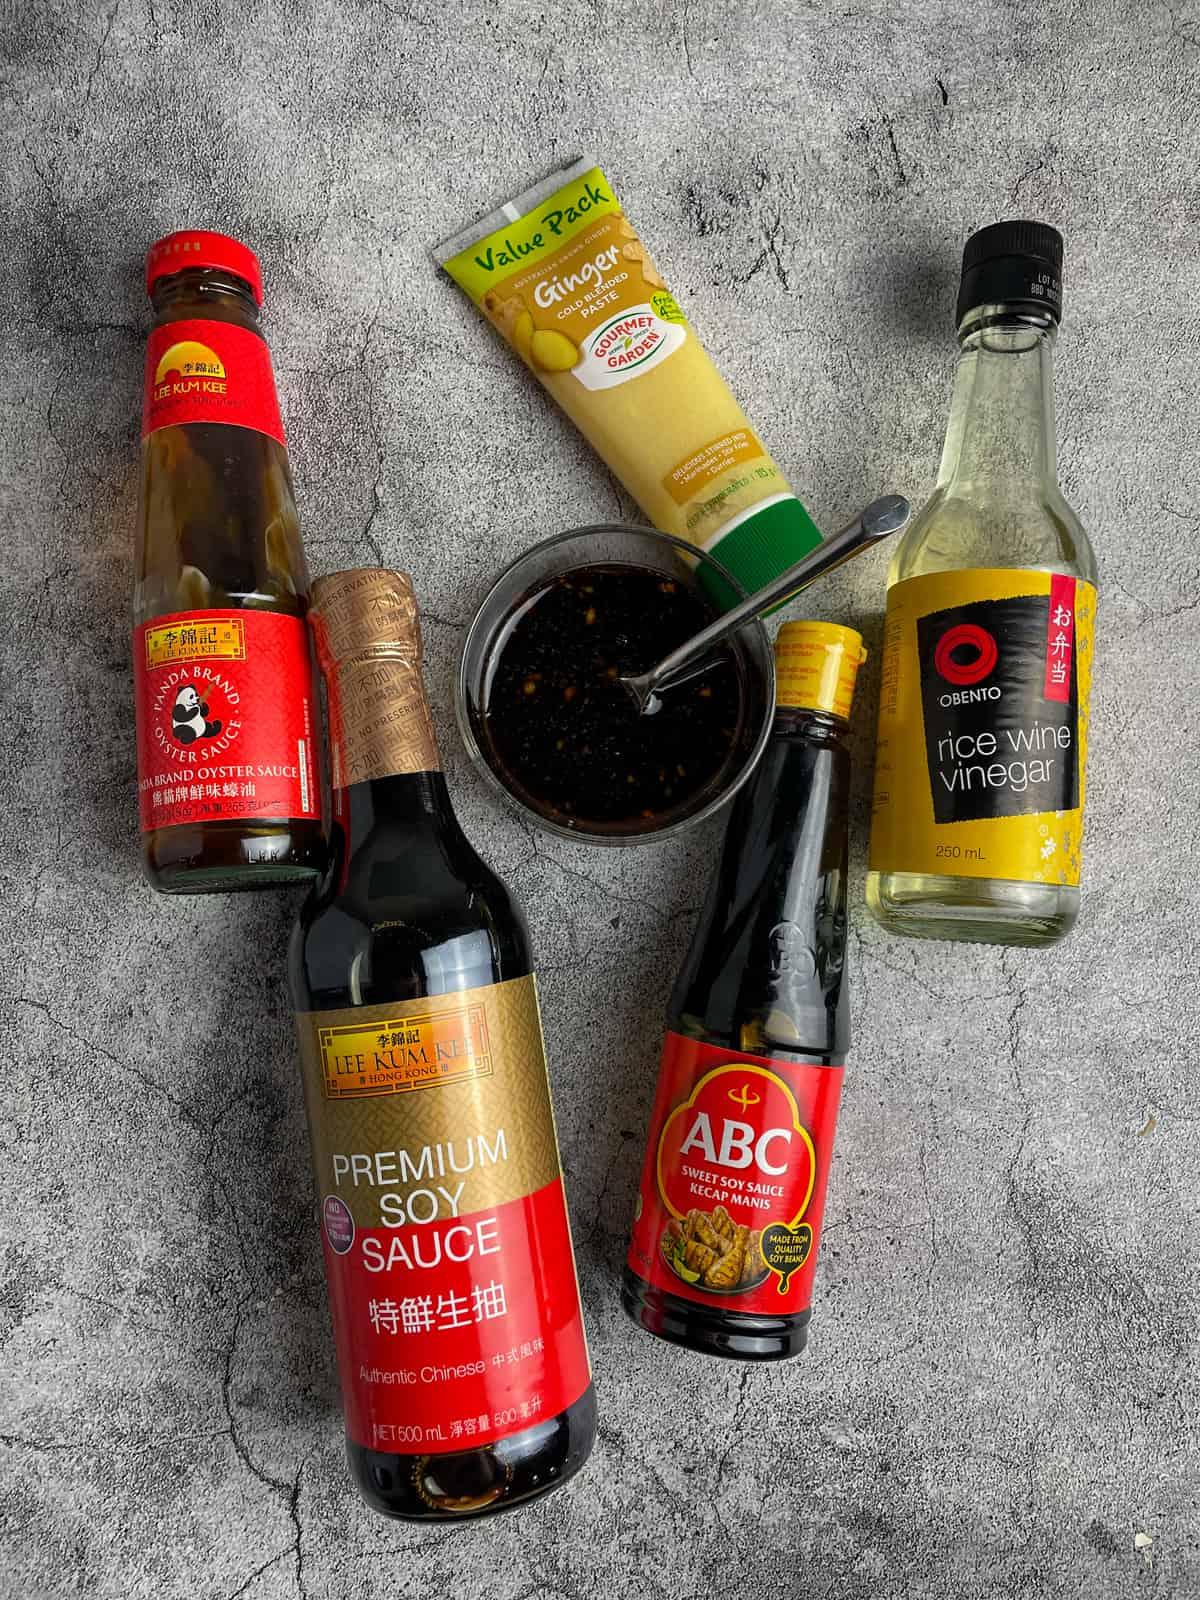 Korean beef stir-fry sauce ingredients